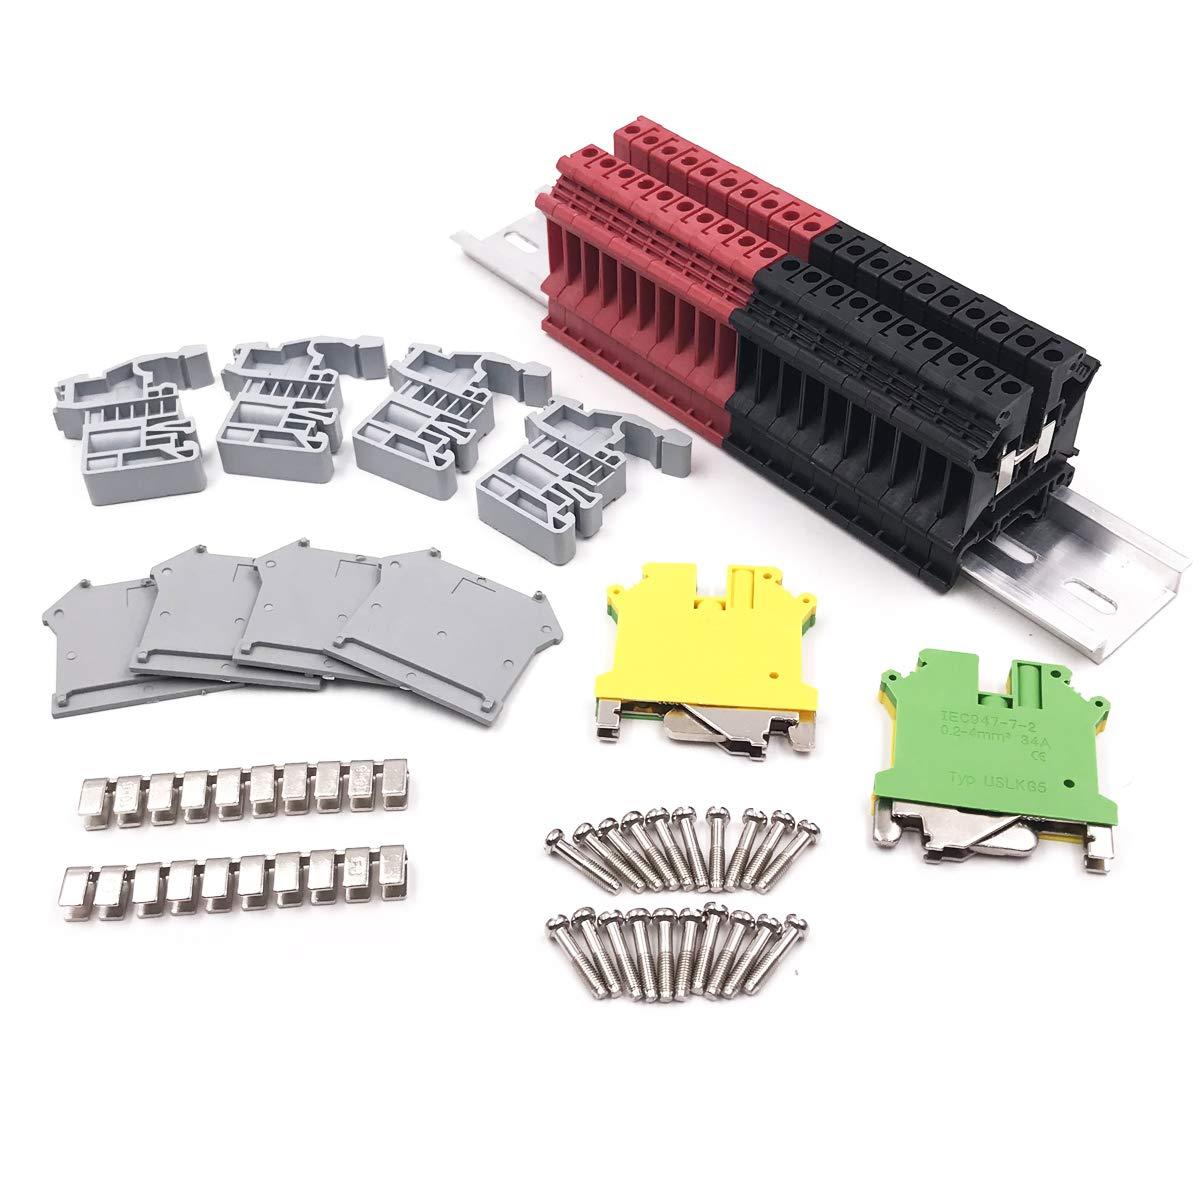 Erayco DIN Rail Terminal Blocks Kit, 20Pcs UK5N 10 AWG Terminal Blocks, 2Pcs Ground Blocks, 2Pcs FBI-10-6 Terminal Fixed Bridge, 4Pcs E/UK End Brackets, 2Pcs D-UK3/10 End Covers, 1Pcs 8'' aluminum RoHS